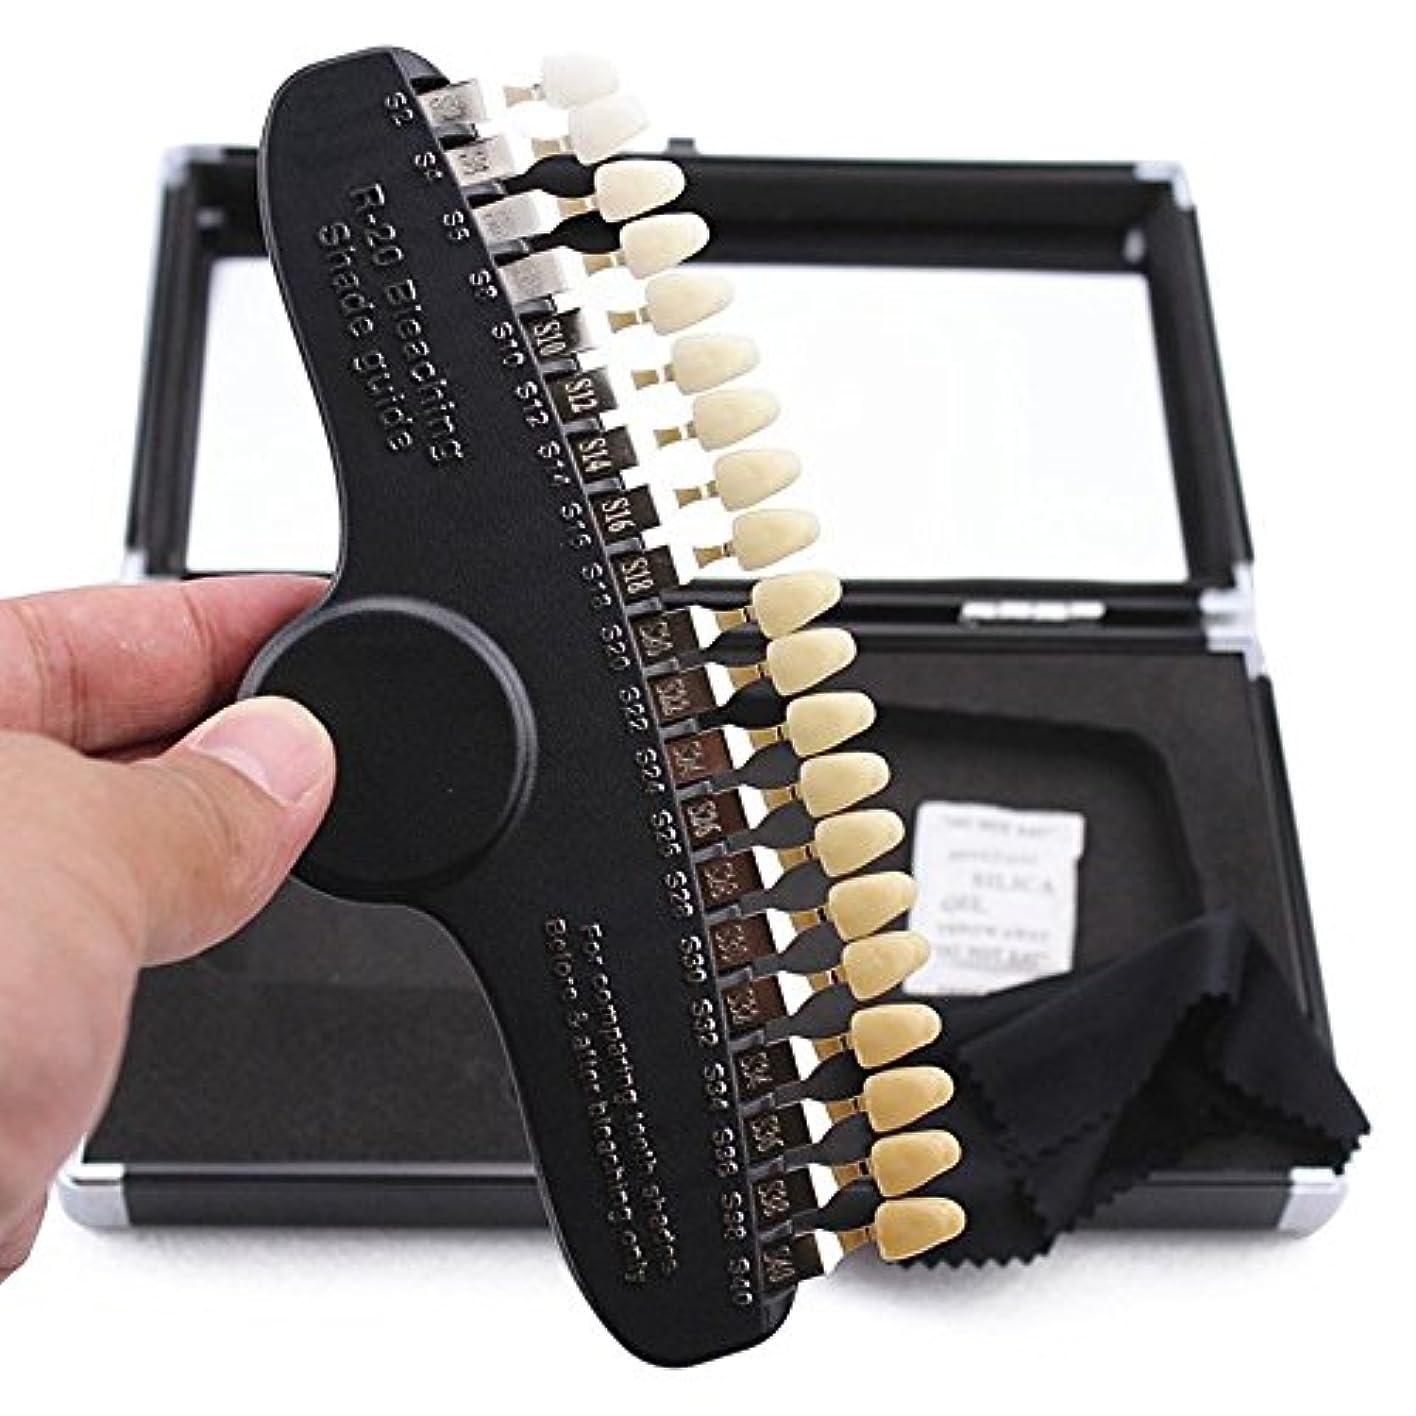 そこ黒板カナダPochiDen 歯科ホワイトニング用シェードガイド 20色 3D 歯列模型ボード